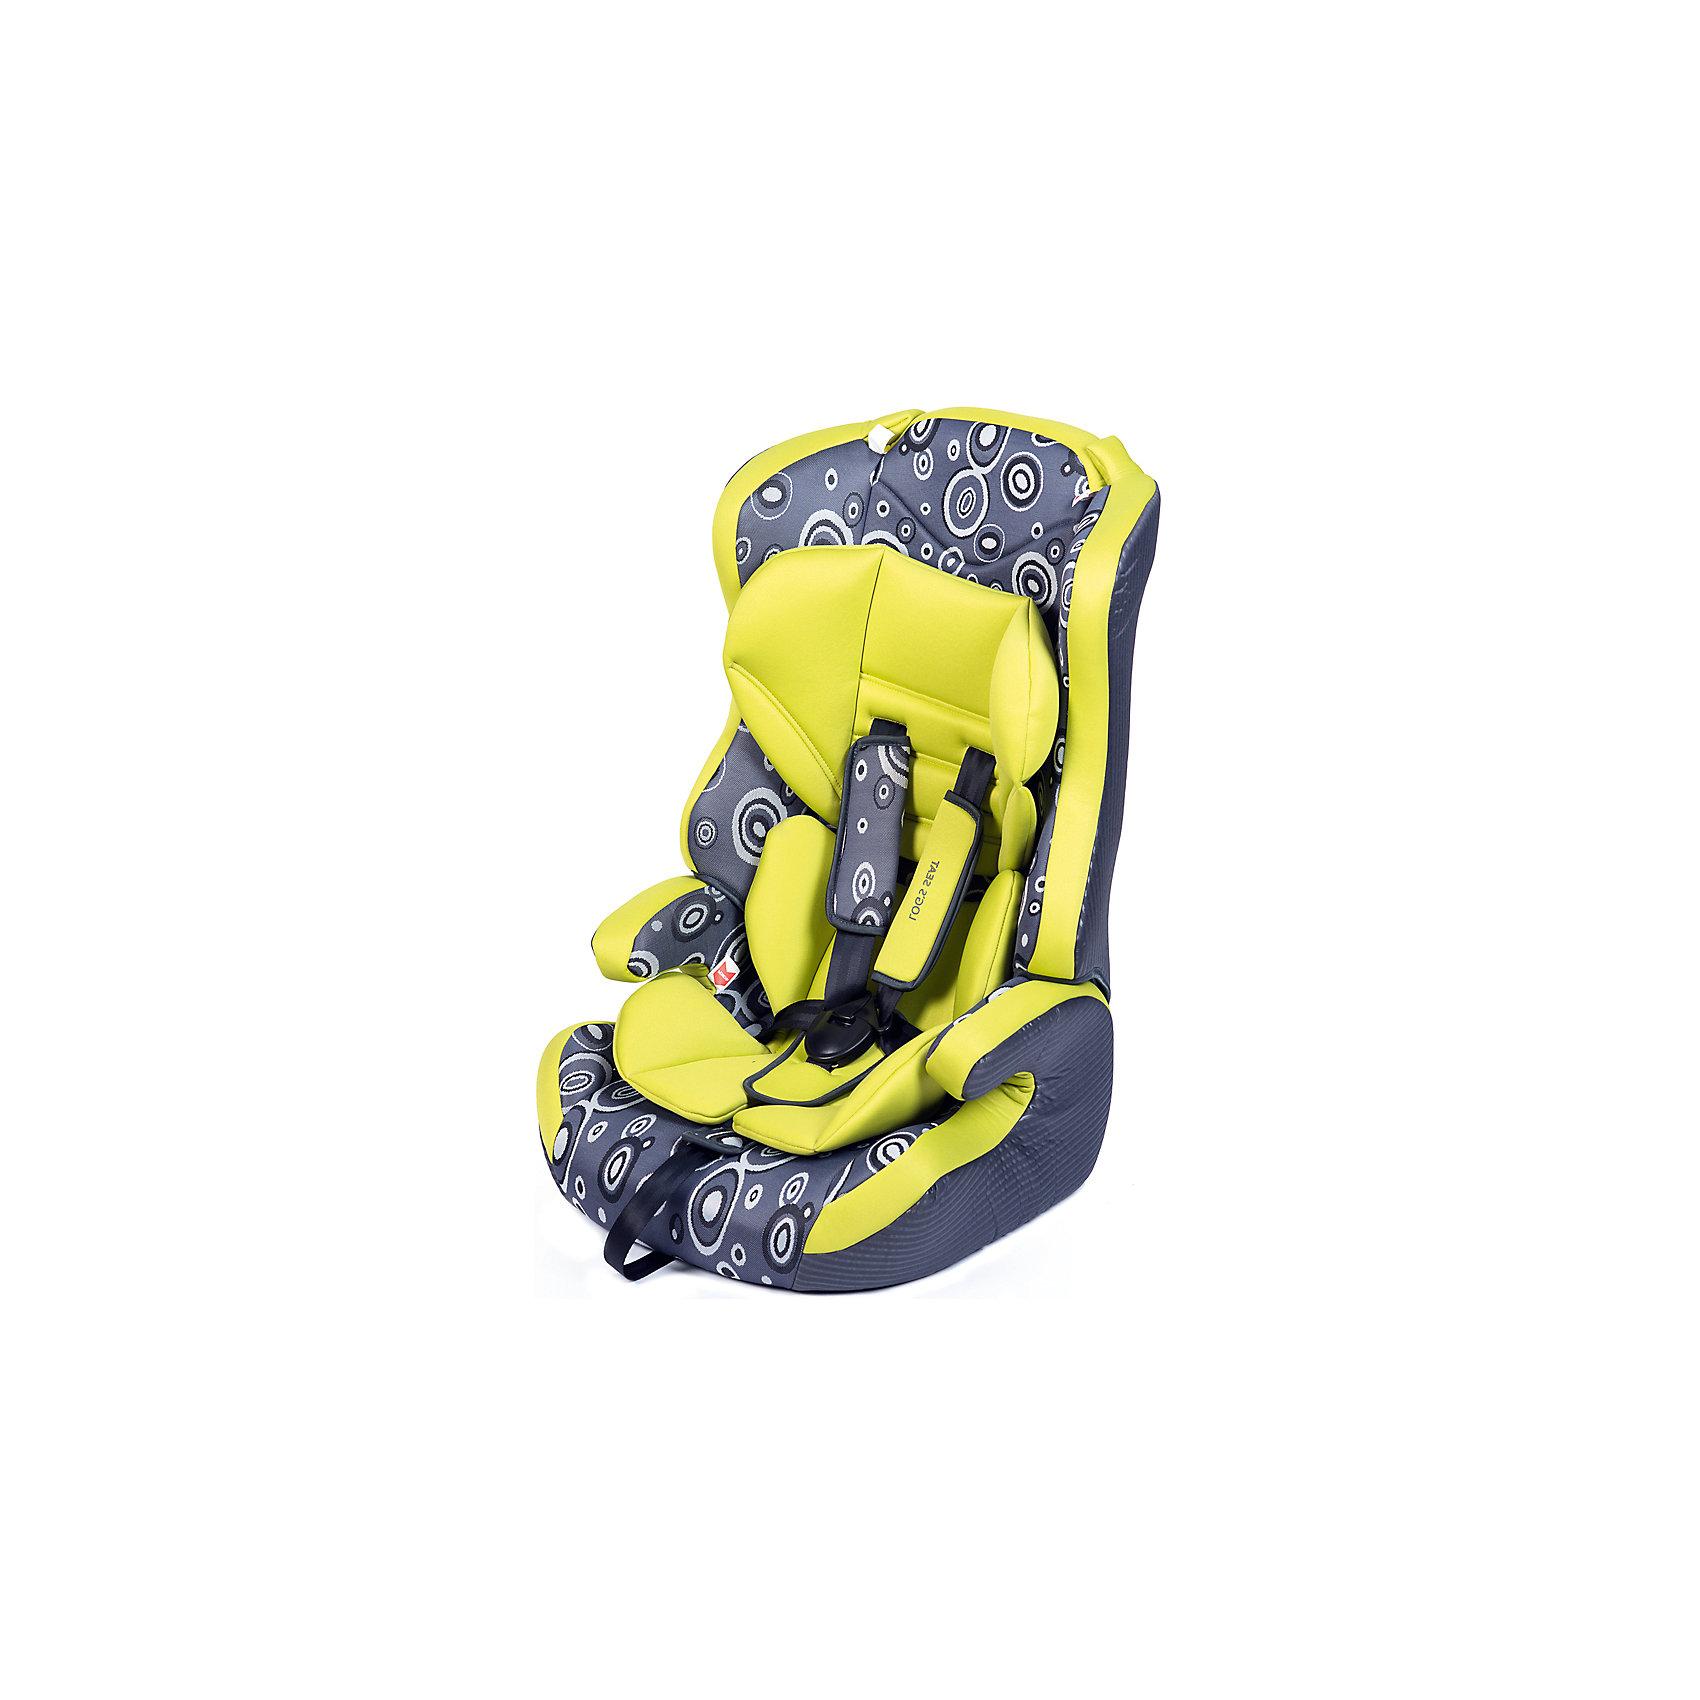 Автокресло Logs Seat 9-36 кг., Babyhit, зелёно-серыйКупив автокресло Logs Seat (1/2/3)  от торговой марки  Babyhit для своего ребенка, Вы обеспечите  не только его  безопасность, но и комфорт. Изделие обладает отличными эргономическими свойствами, легко  и надежно фиксируется при помощи пятиточечных ремней безопасности.  Они аккуратно и надежно удерживают ребенка. Немаловажно, что кресло в автомобиле можно использовать как бустер, чтобы оно было более комфортным для подросшего малыша. Кресло оснащено системой защиты при боковом столкновении, так же есть защитные стенки для головы.<br><br>Особенности автокресла Logs Seat:<br><br>- устанавливается по направлению движения и подходит для детей от 9 до 36 кг;<br>- система защиты при боковом столкновении;<br>- 3 позиции регулировки высоты;<br>- 5-ти точечные ремни безопасности;<br>- мягкие плечевые накладки;<br>- высокопрочный материал;<br>- мягкий вкладыш;<br>- съемный чехол;<br>- возможность использования без спинки как бустер;<br>- соответствует европейским стандартам безопасности ECE R 44/04.<br><br>Дополнительная информация:<br><br>- допустимый вес ребенка: от 9 до 36 кг<br>- материал: пластик, металл, текстиль<br>- цвет: зелёно-серый<br>- размеры (ГхШхВ): 50*40*80 см<br>- вес изделия: 5 кг<br>- возраст ребенка: от 1 года до 12 лет<br>- страна производства: Китай<br><br>Автокресло Logs Seat 9-36 кг., Babyhit  можно купить в нашем интернет-магазине.<br><br>Ширина мм: 500<br>Глубина мм: 440<br>Высота мм: 780<br>Вес г: 6000<br>Возраст от месяцев: 6<br>Возраст до месяцев: 144<br>Пол: Унисекс<br>Возраст: Детский<br>SKU: 4968975